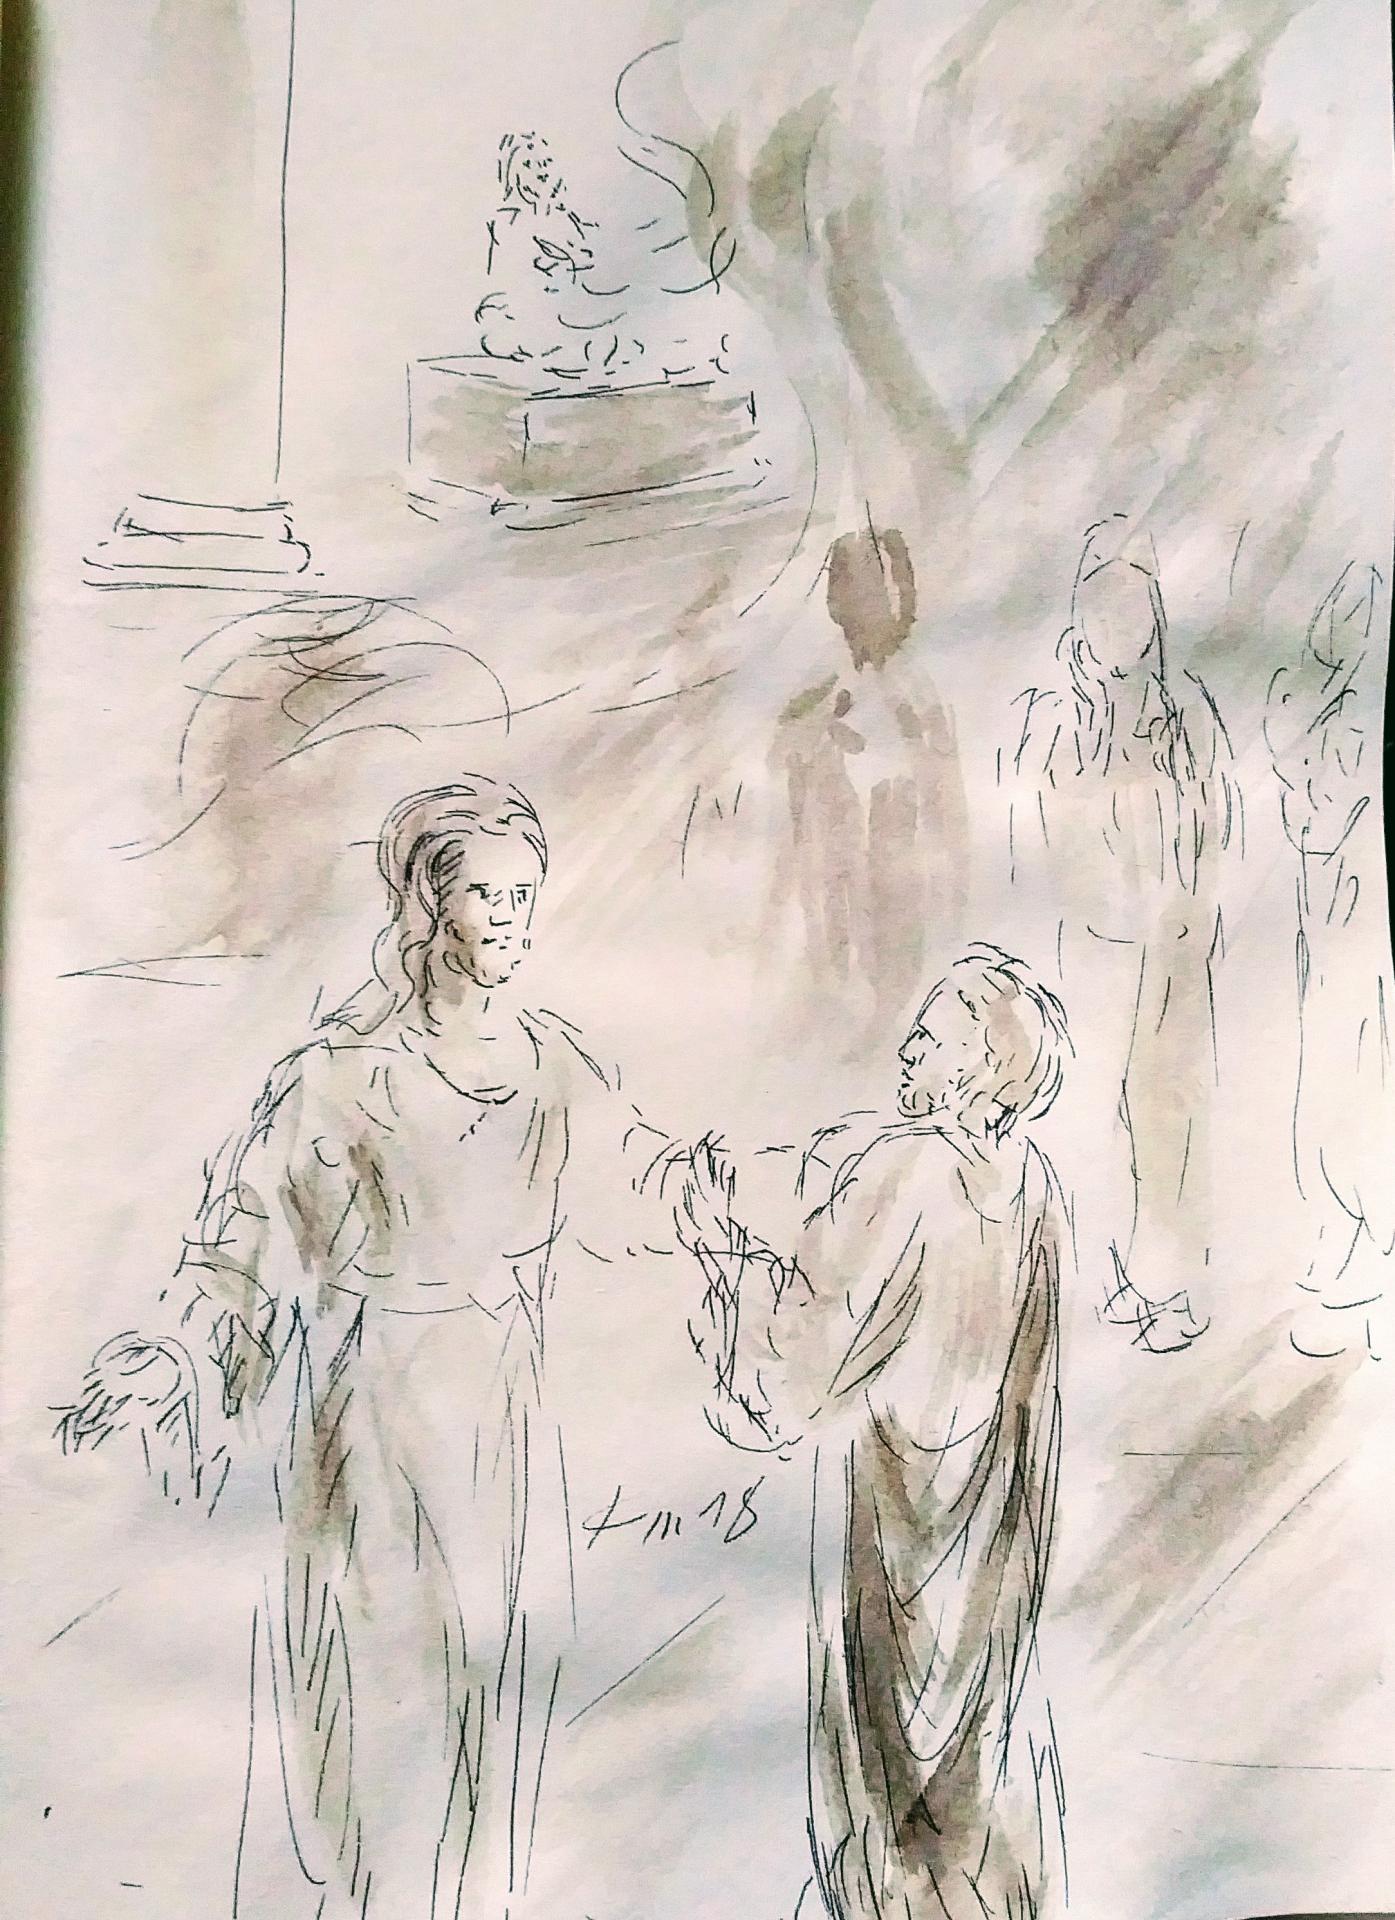 9 Mars, évangile du jour illustré